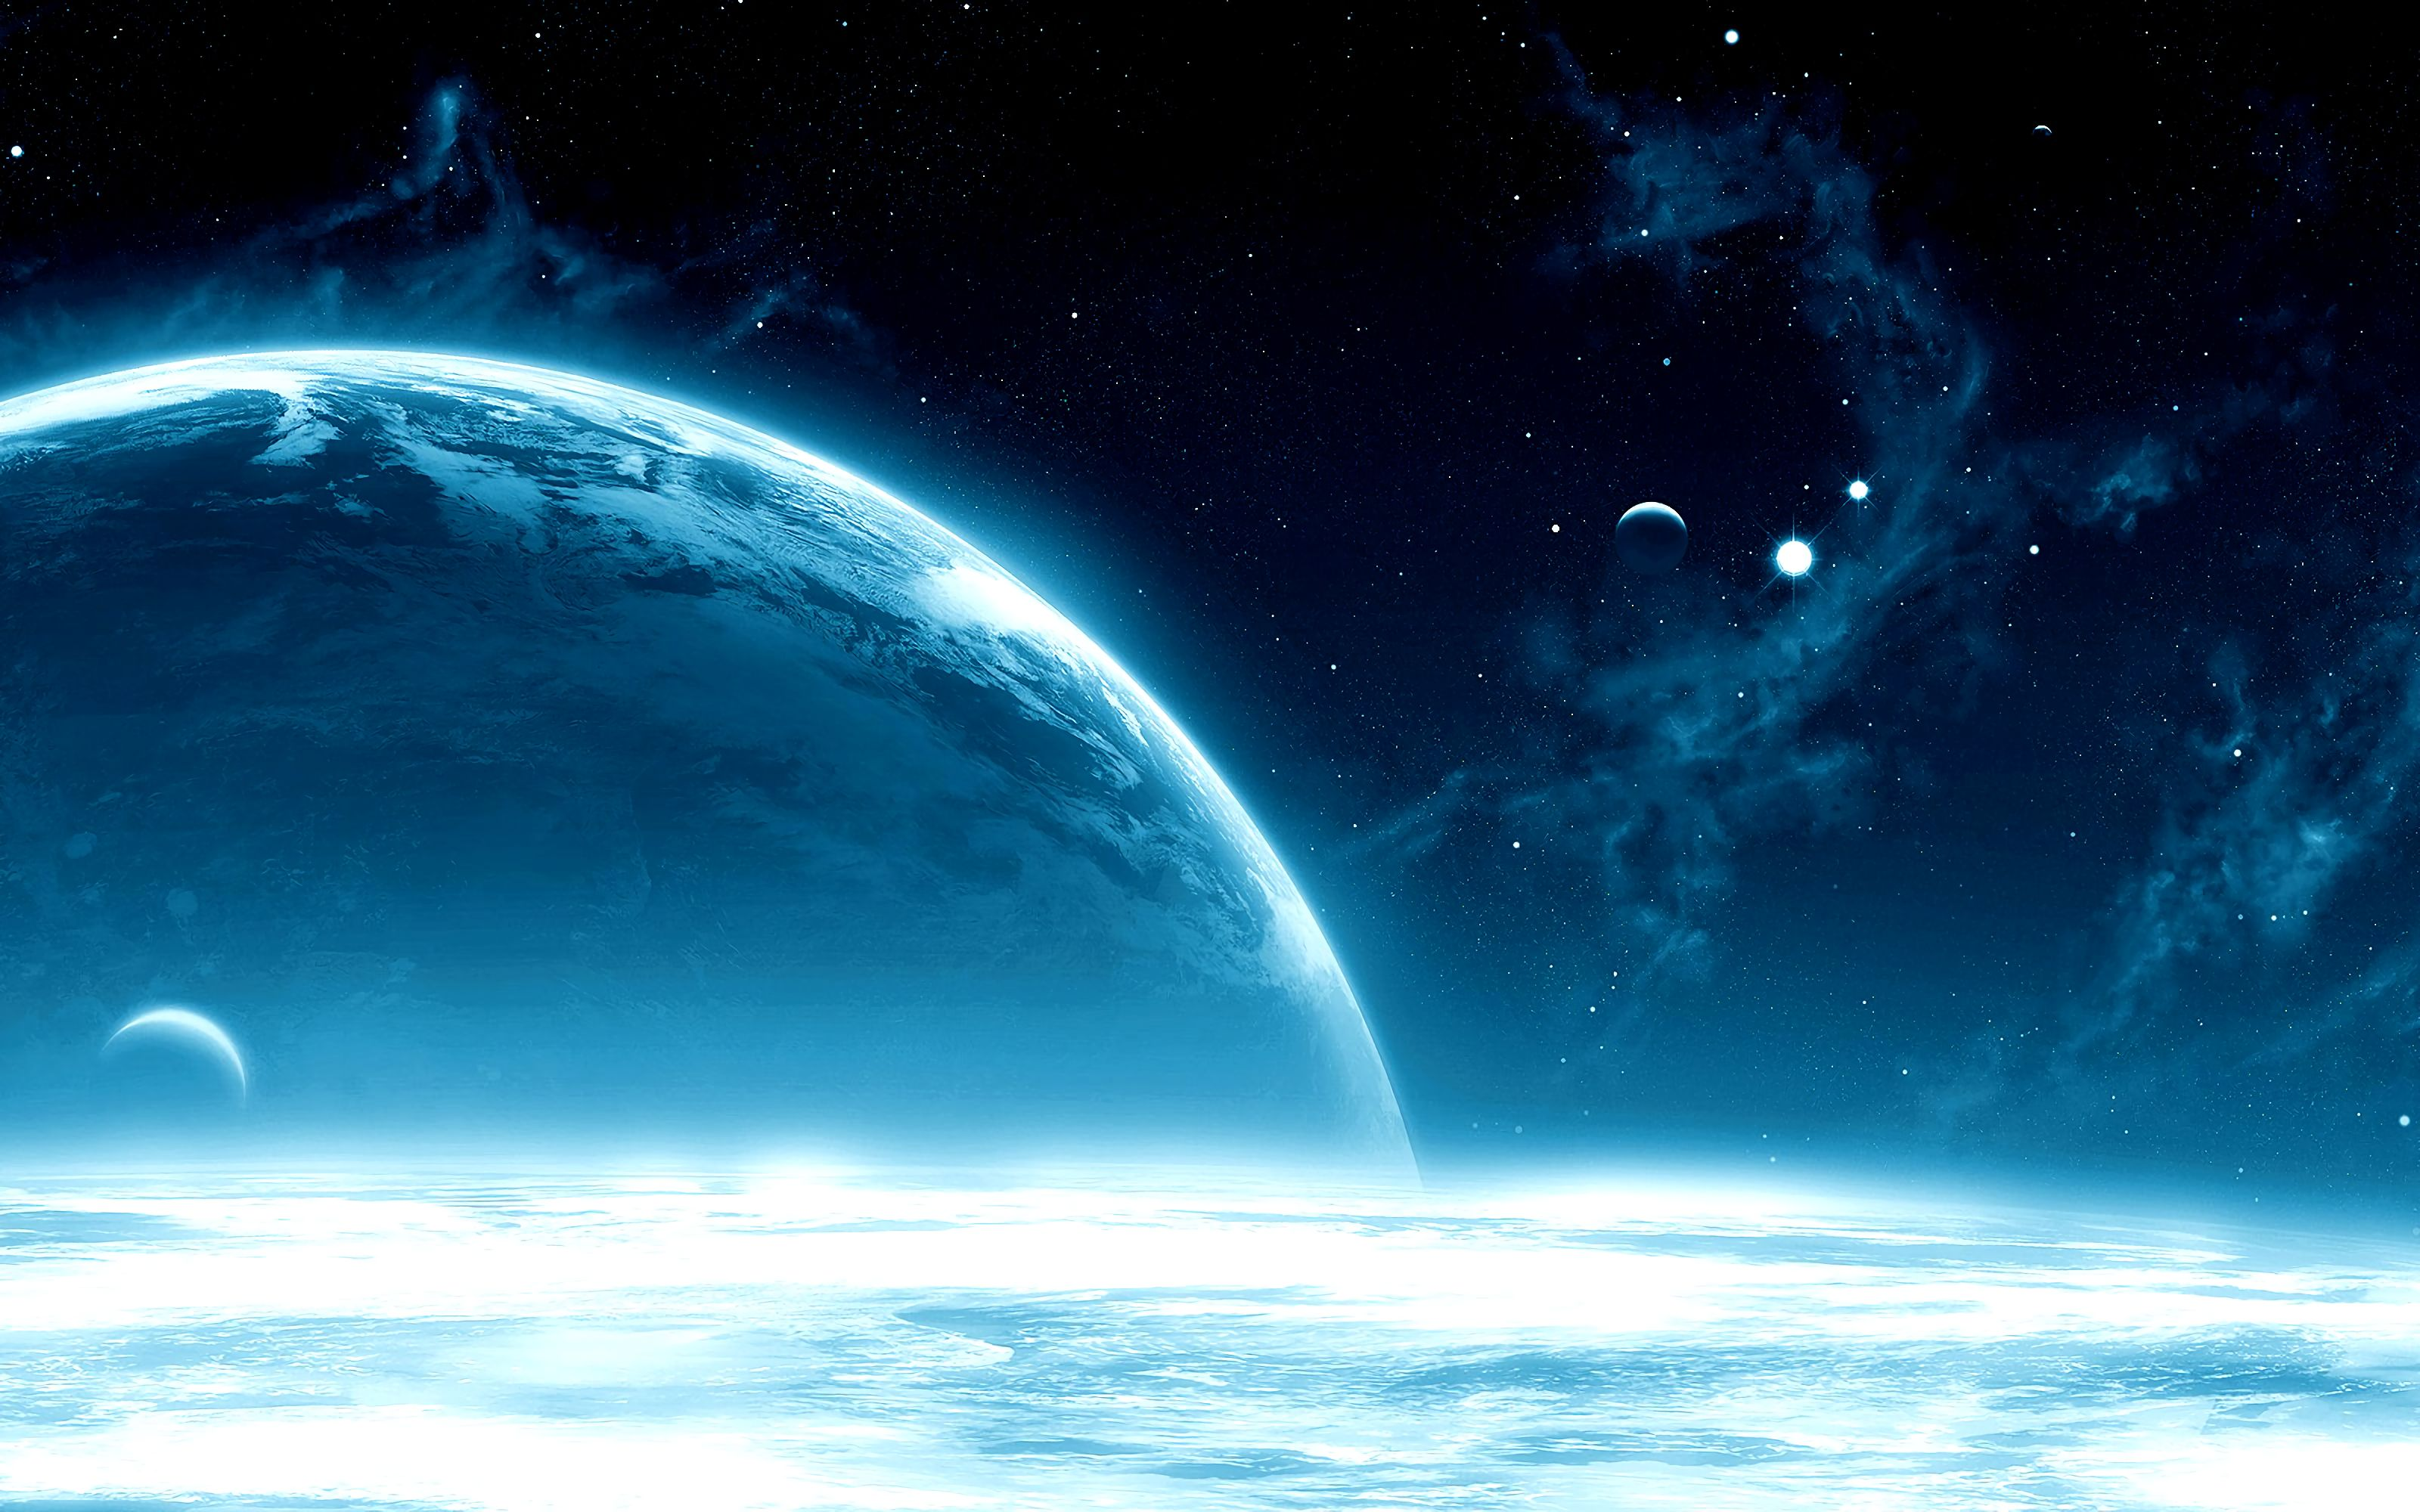 89083 Заставки и Обои Звезды на телефон. Скачать Галактика, Космос, Планеты, Открытый Космос, Звезды, Блеск картинки бесплатно